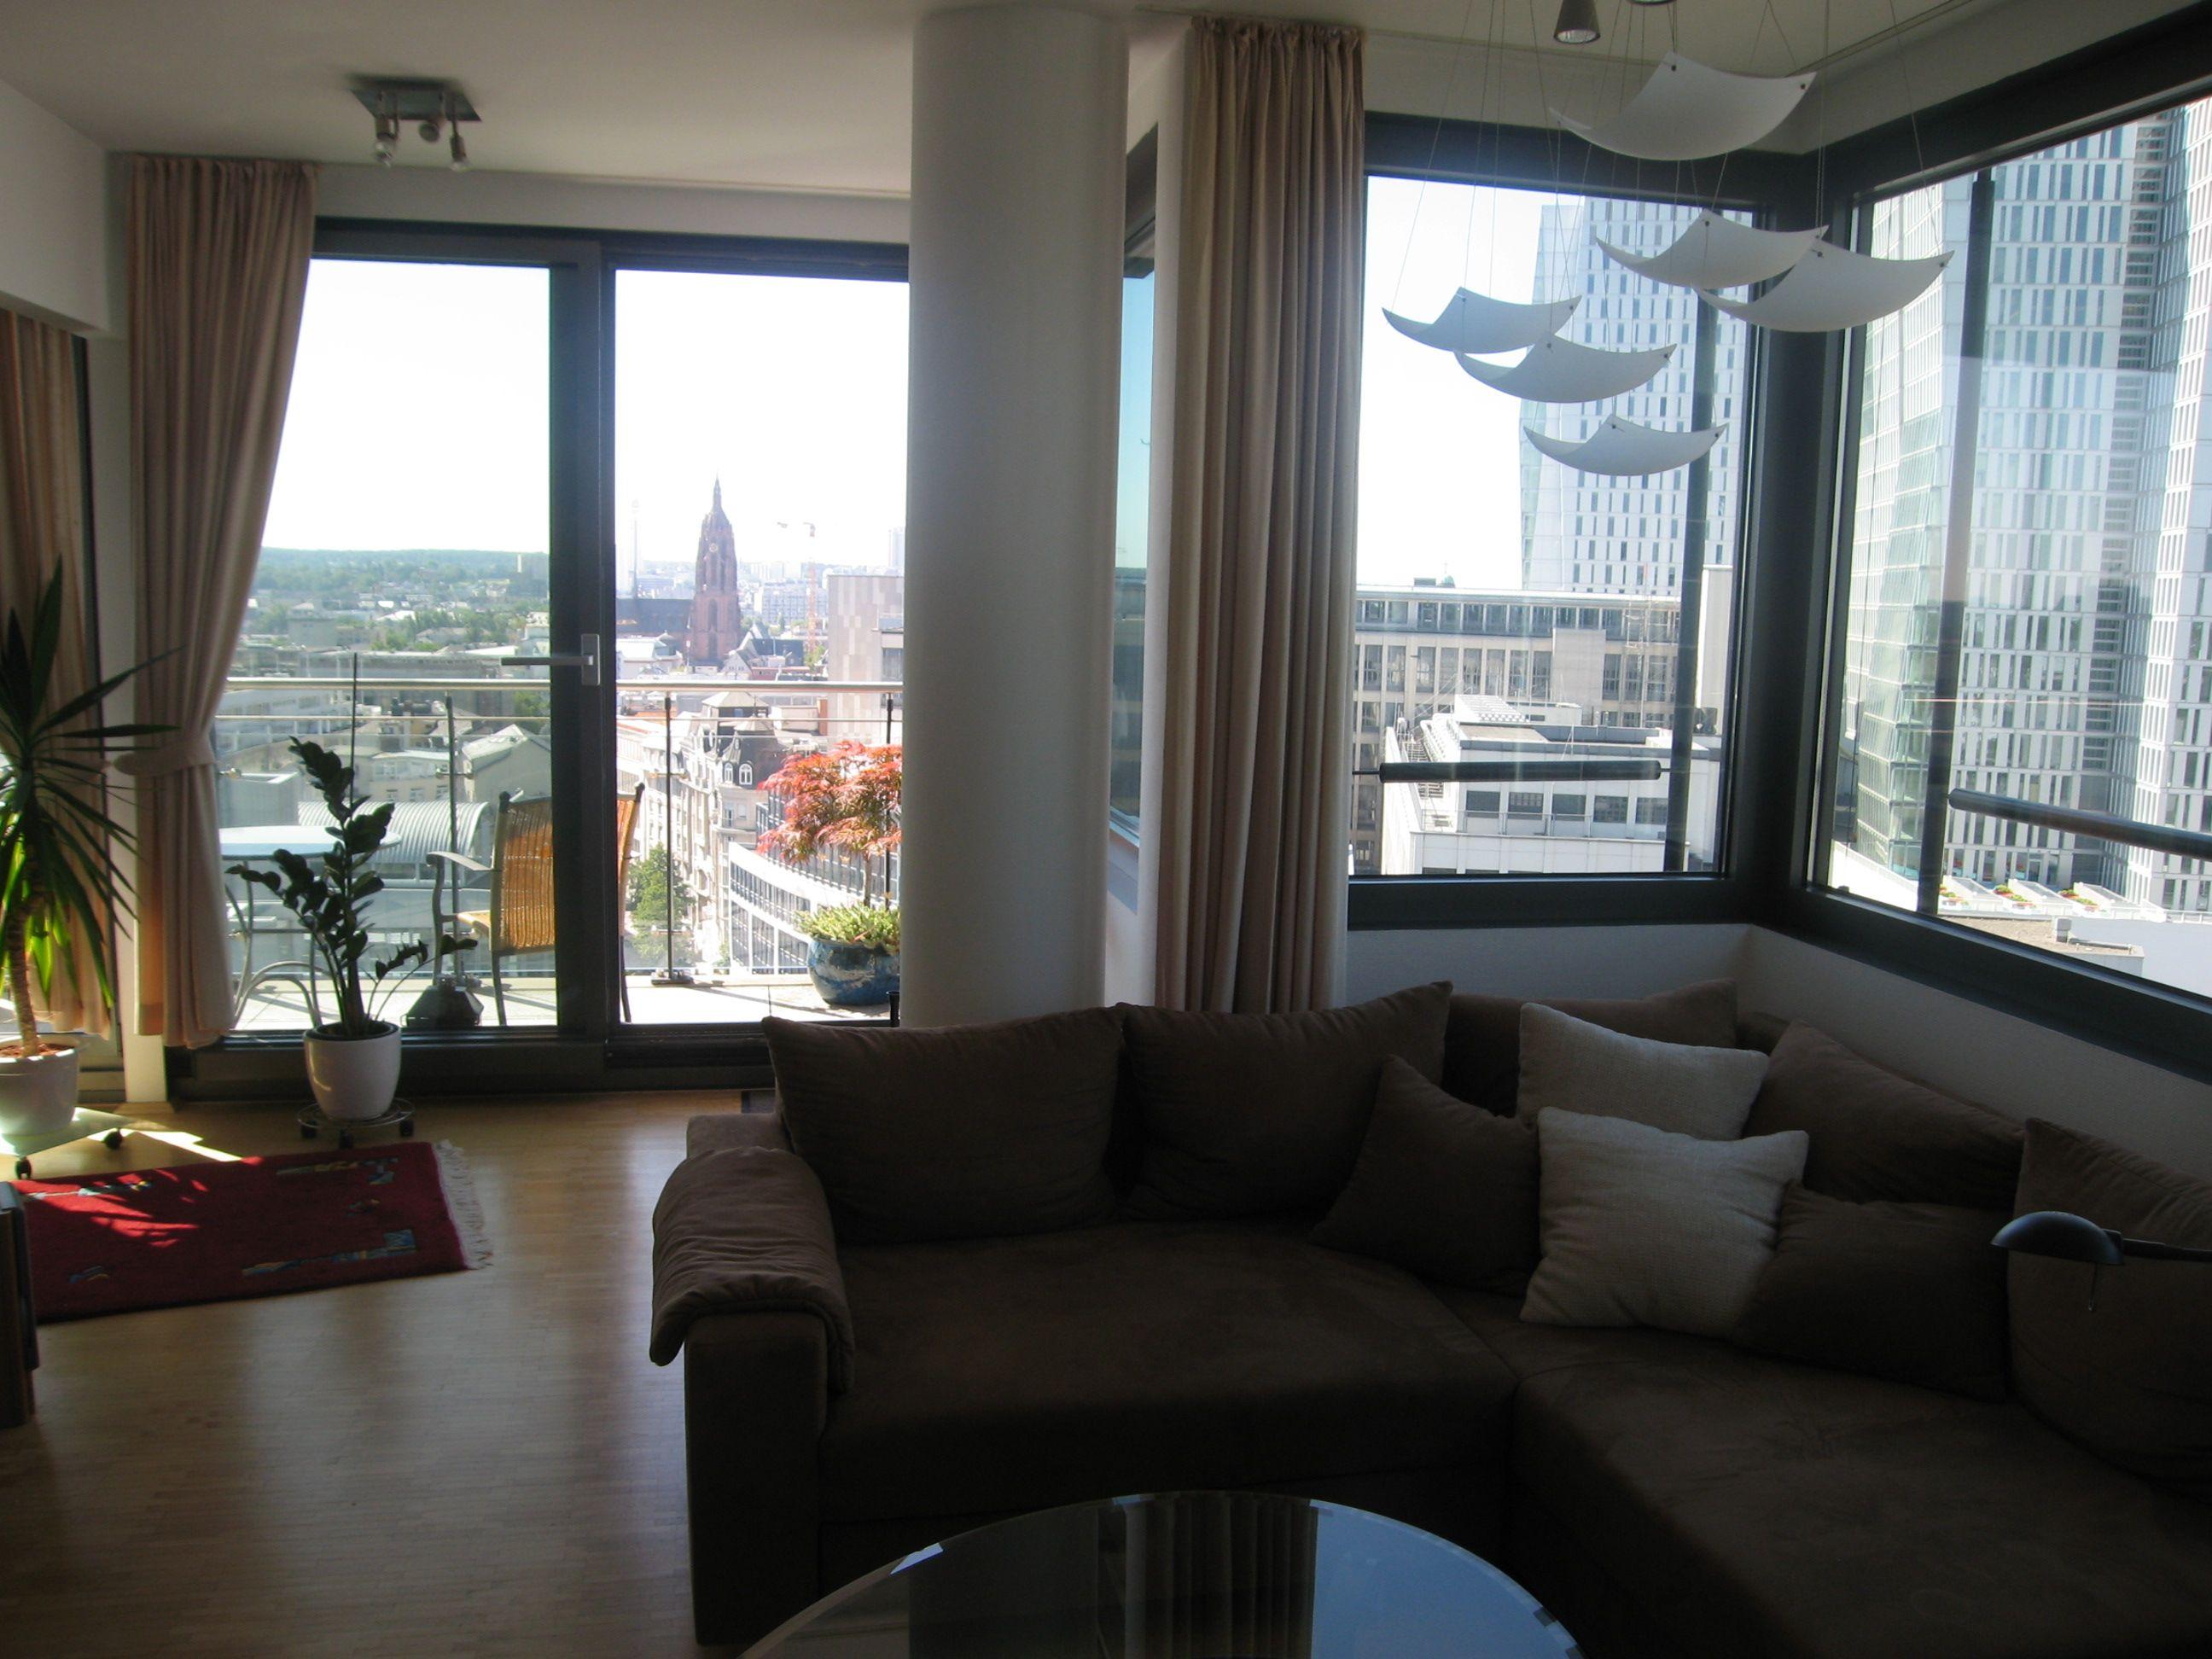 Eigentums- und Mitwohnungen, Häuser